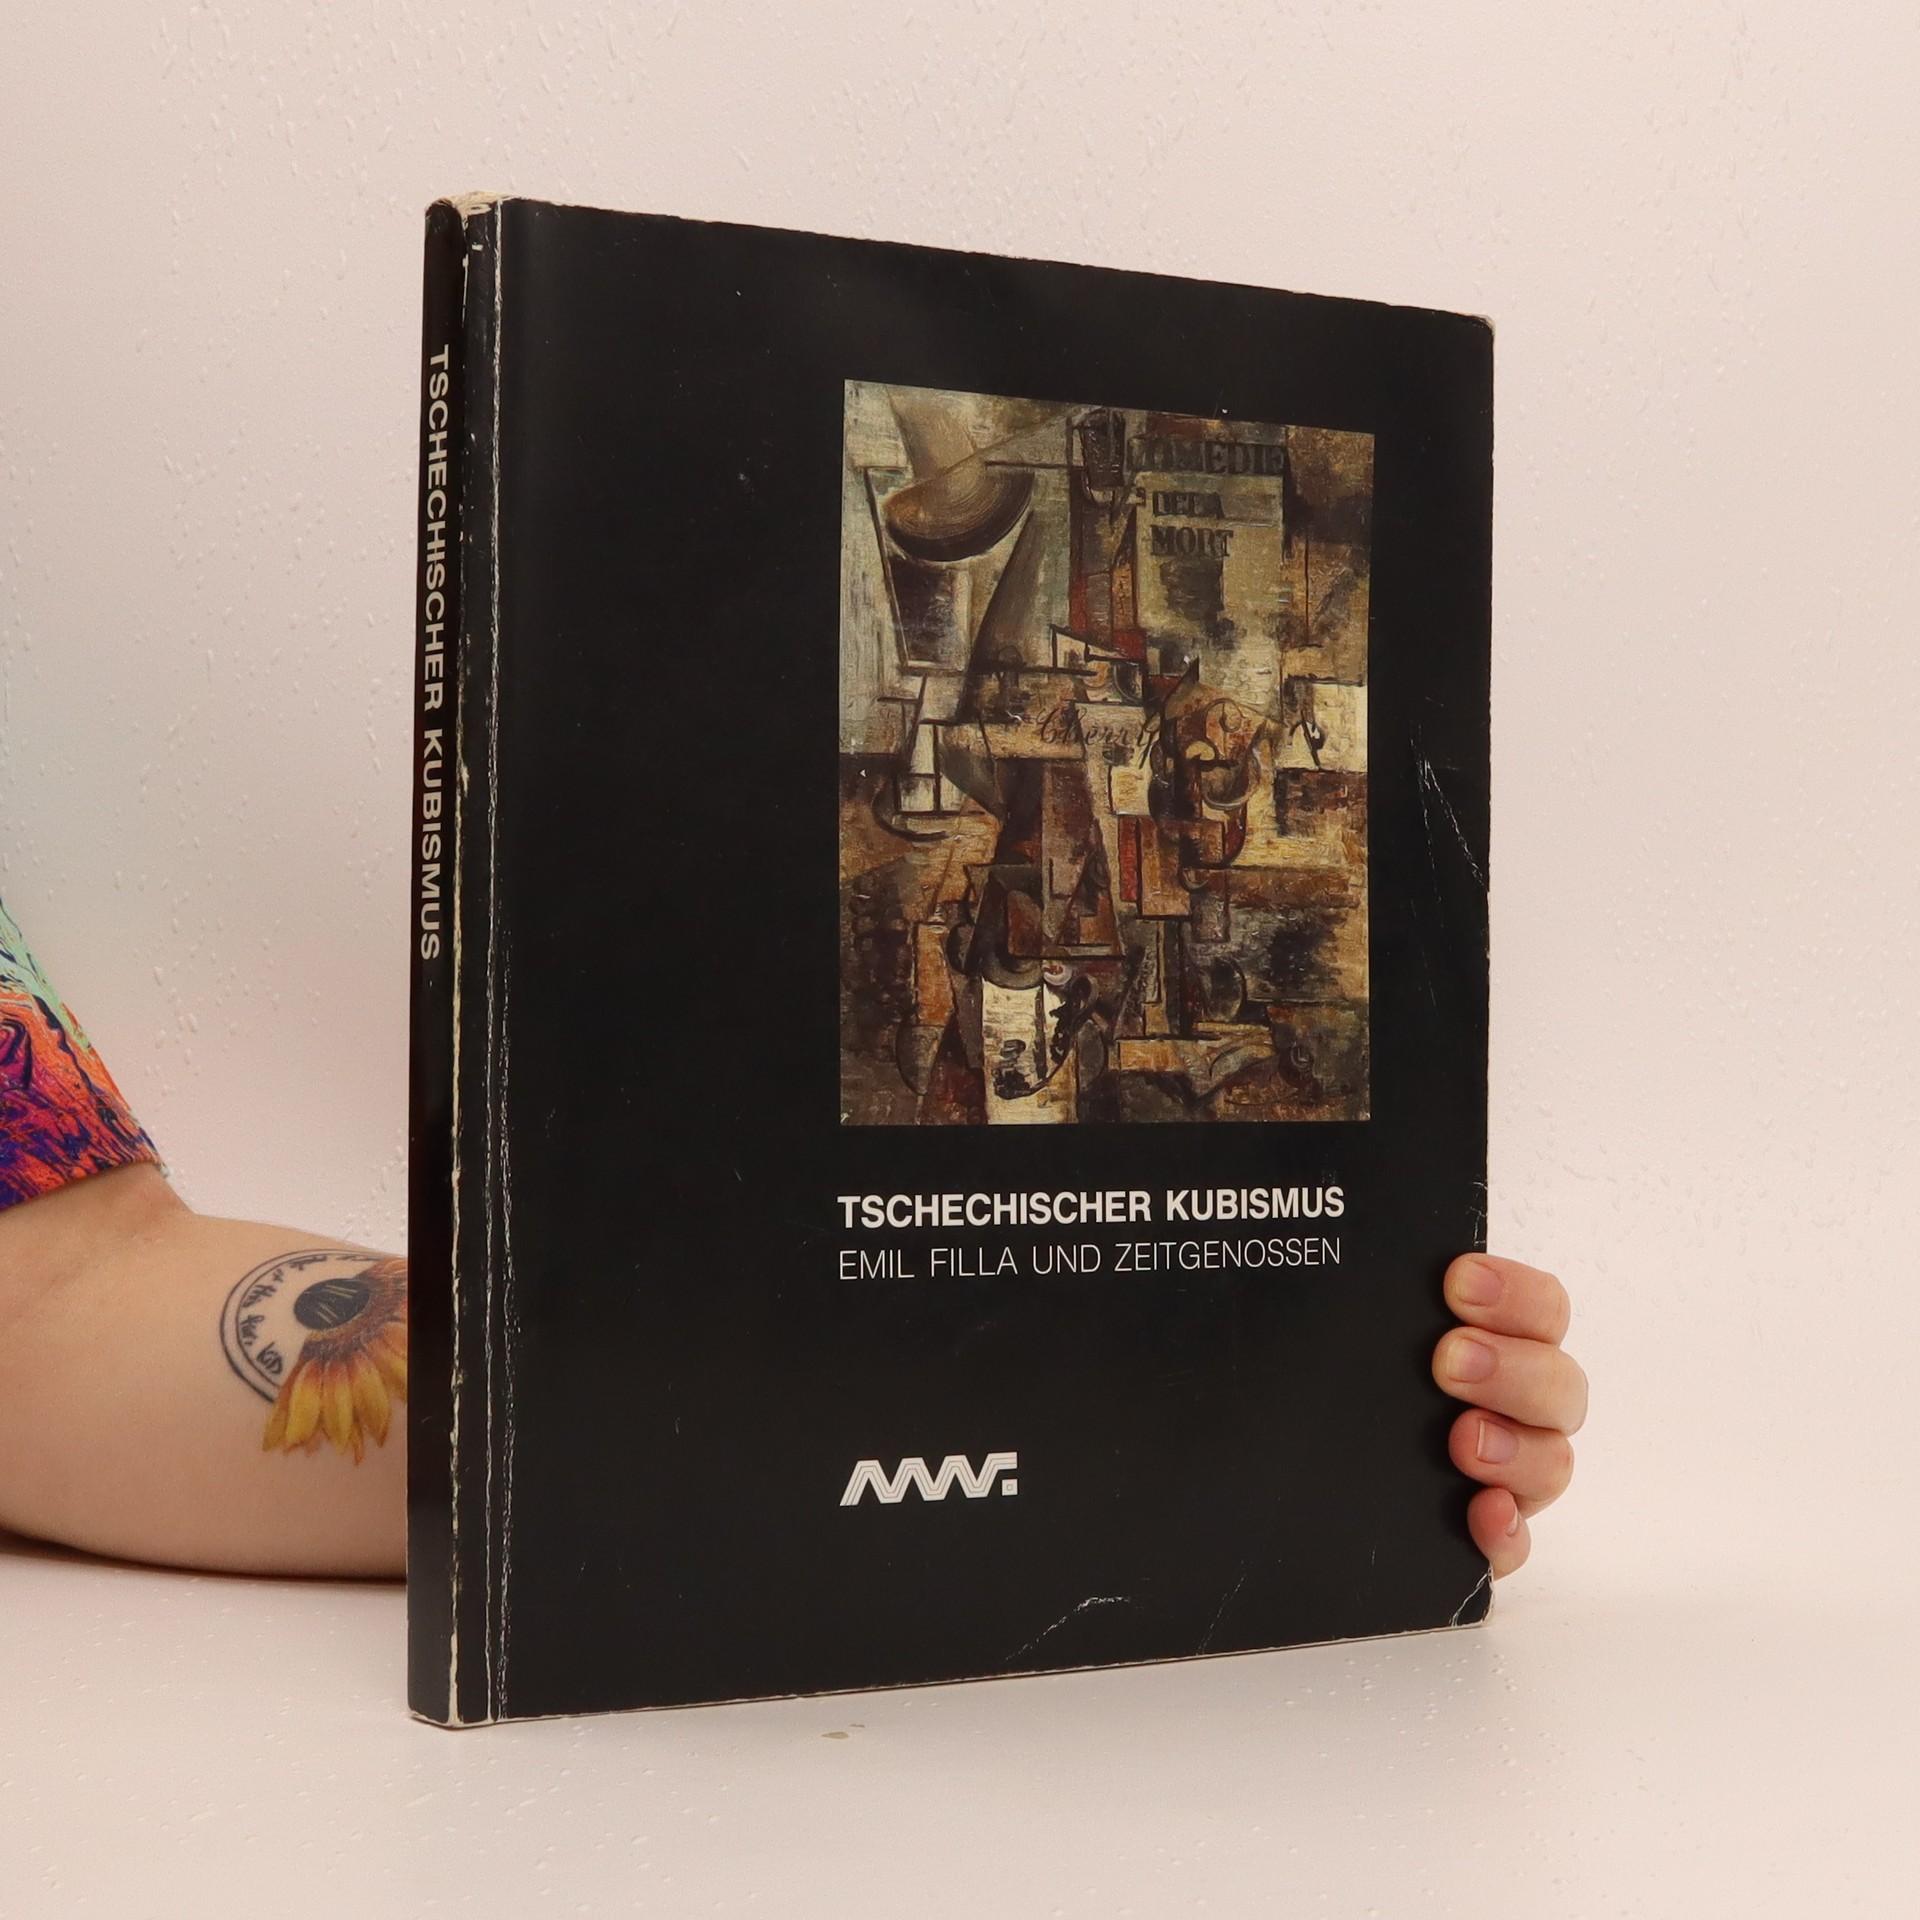 antikvární kniha Tschechischer kubismus: Emil Filla und Zeitgenossen, 1991